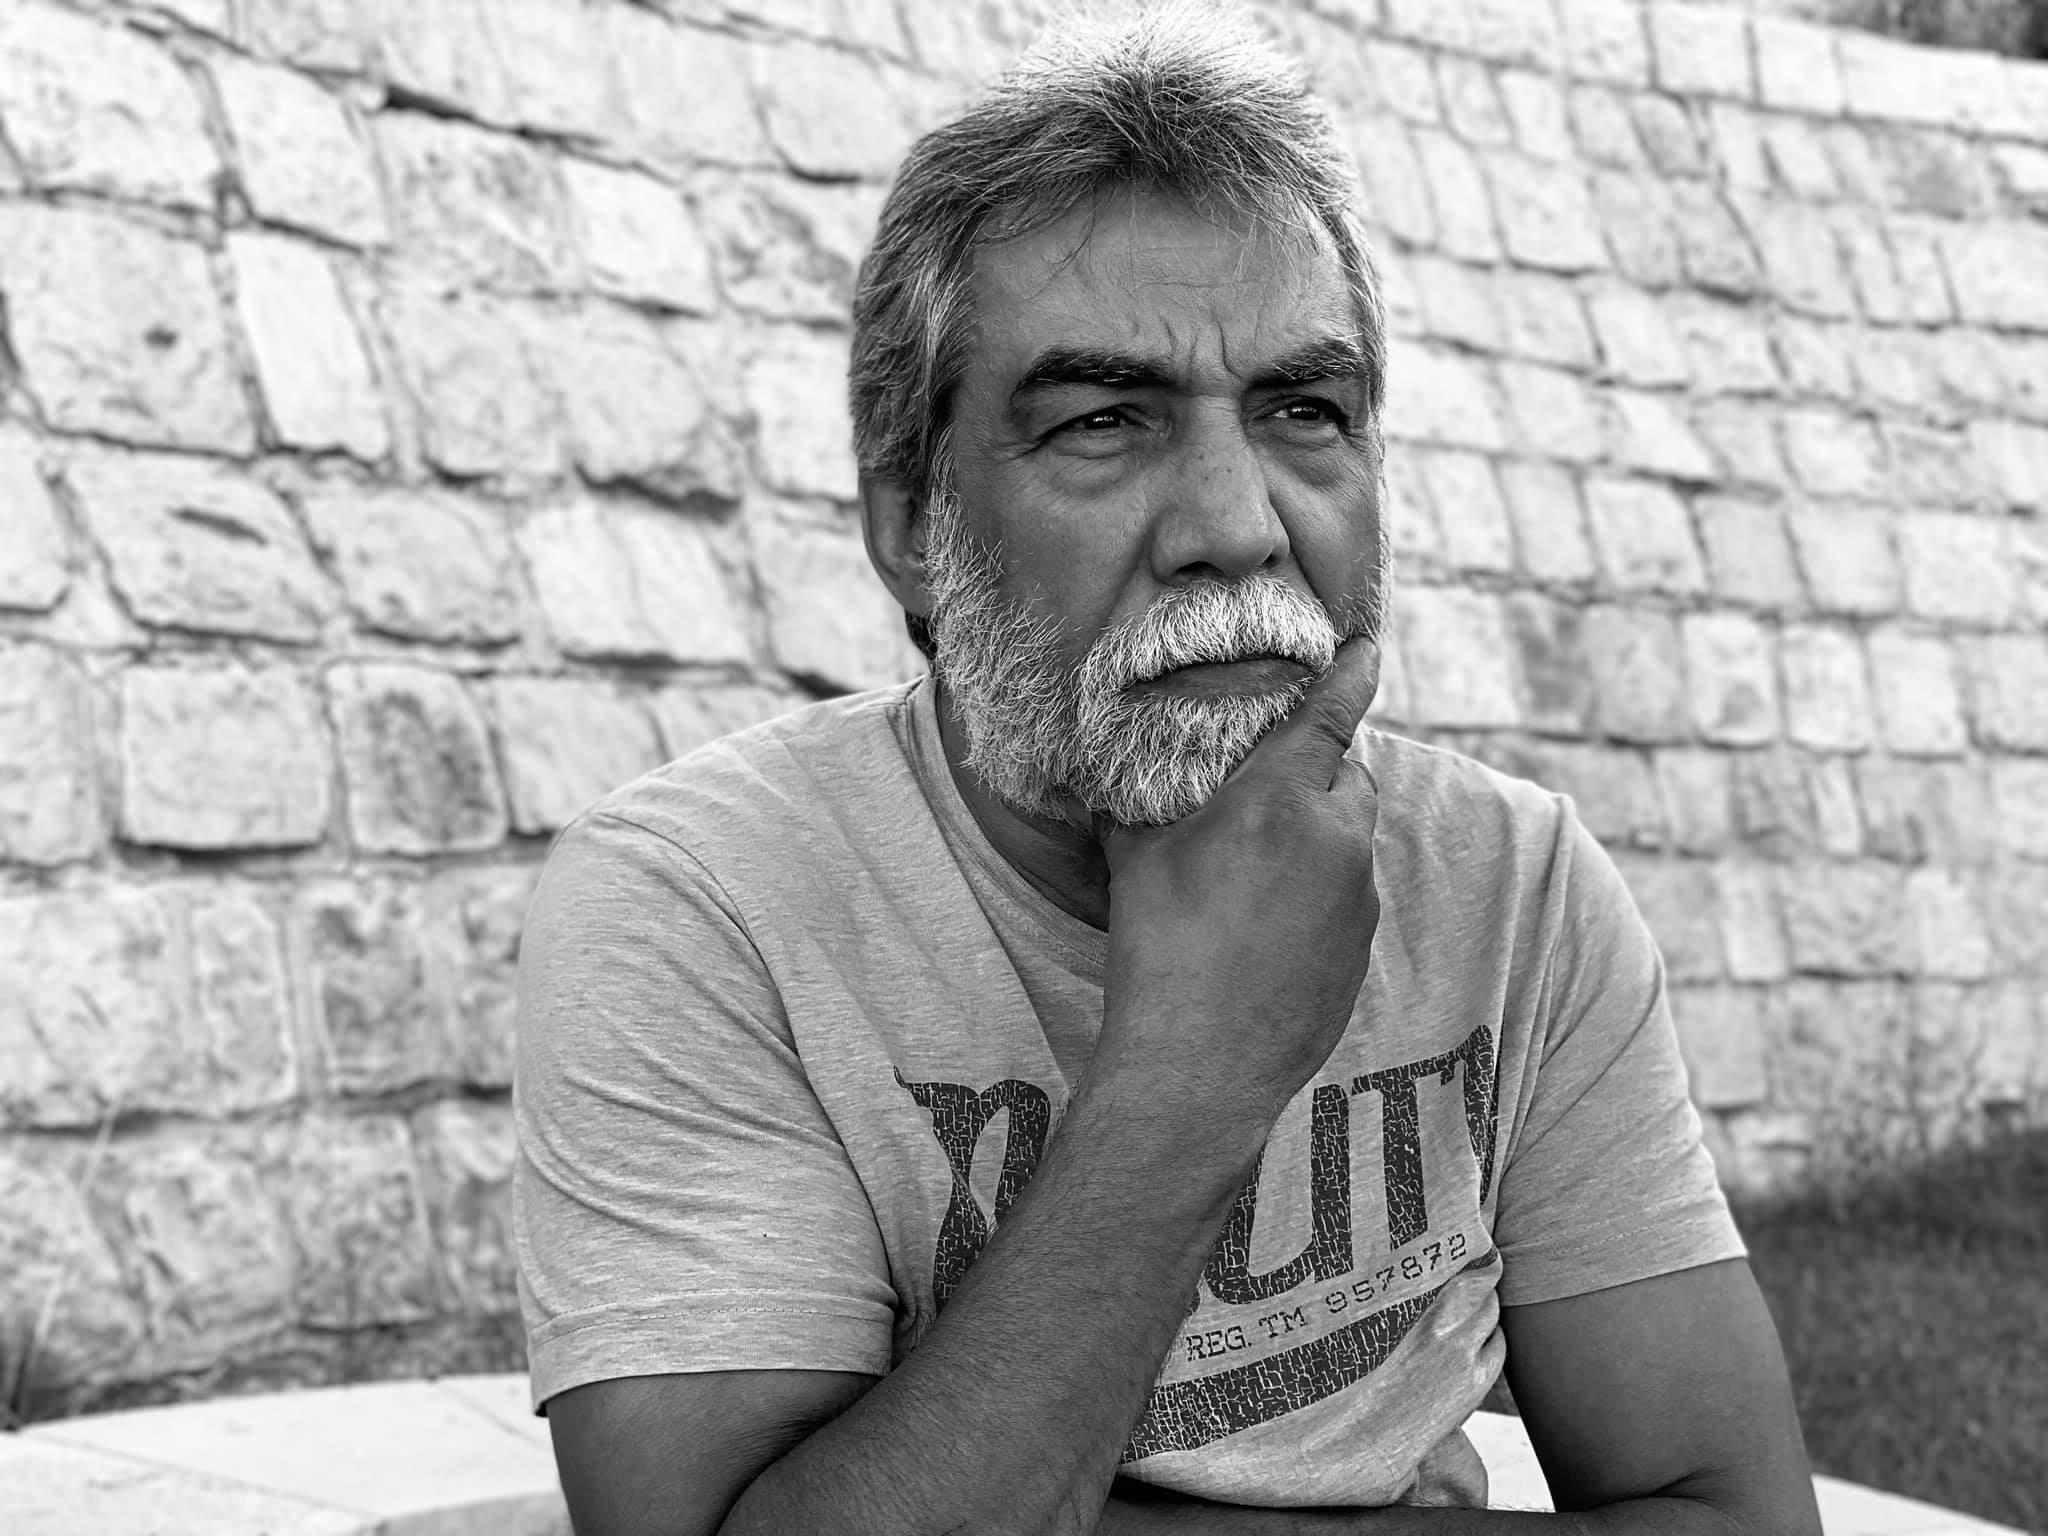 صورة الوضع صار بيخوف.. أيمن رضا يتعرض للسرقة وهذا ما كشف عنه- صورة